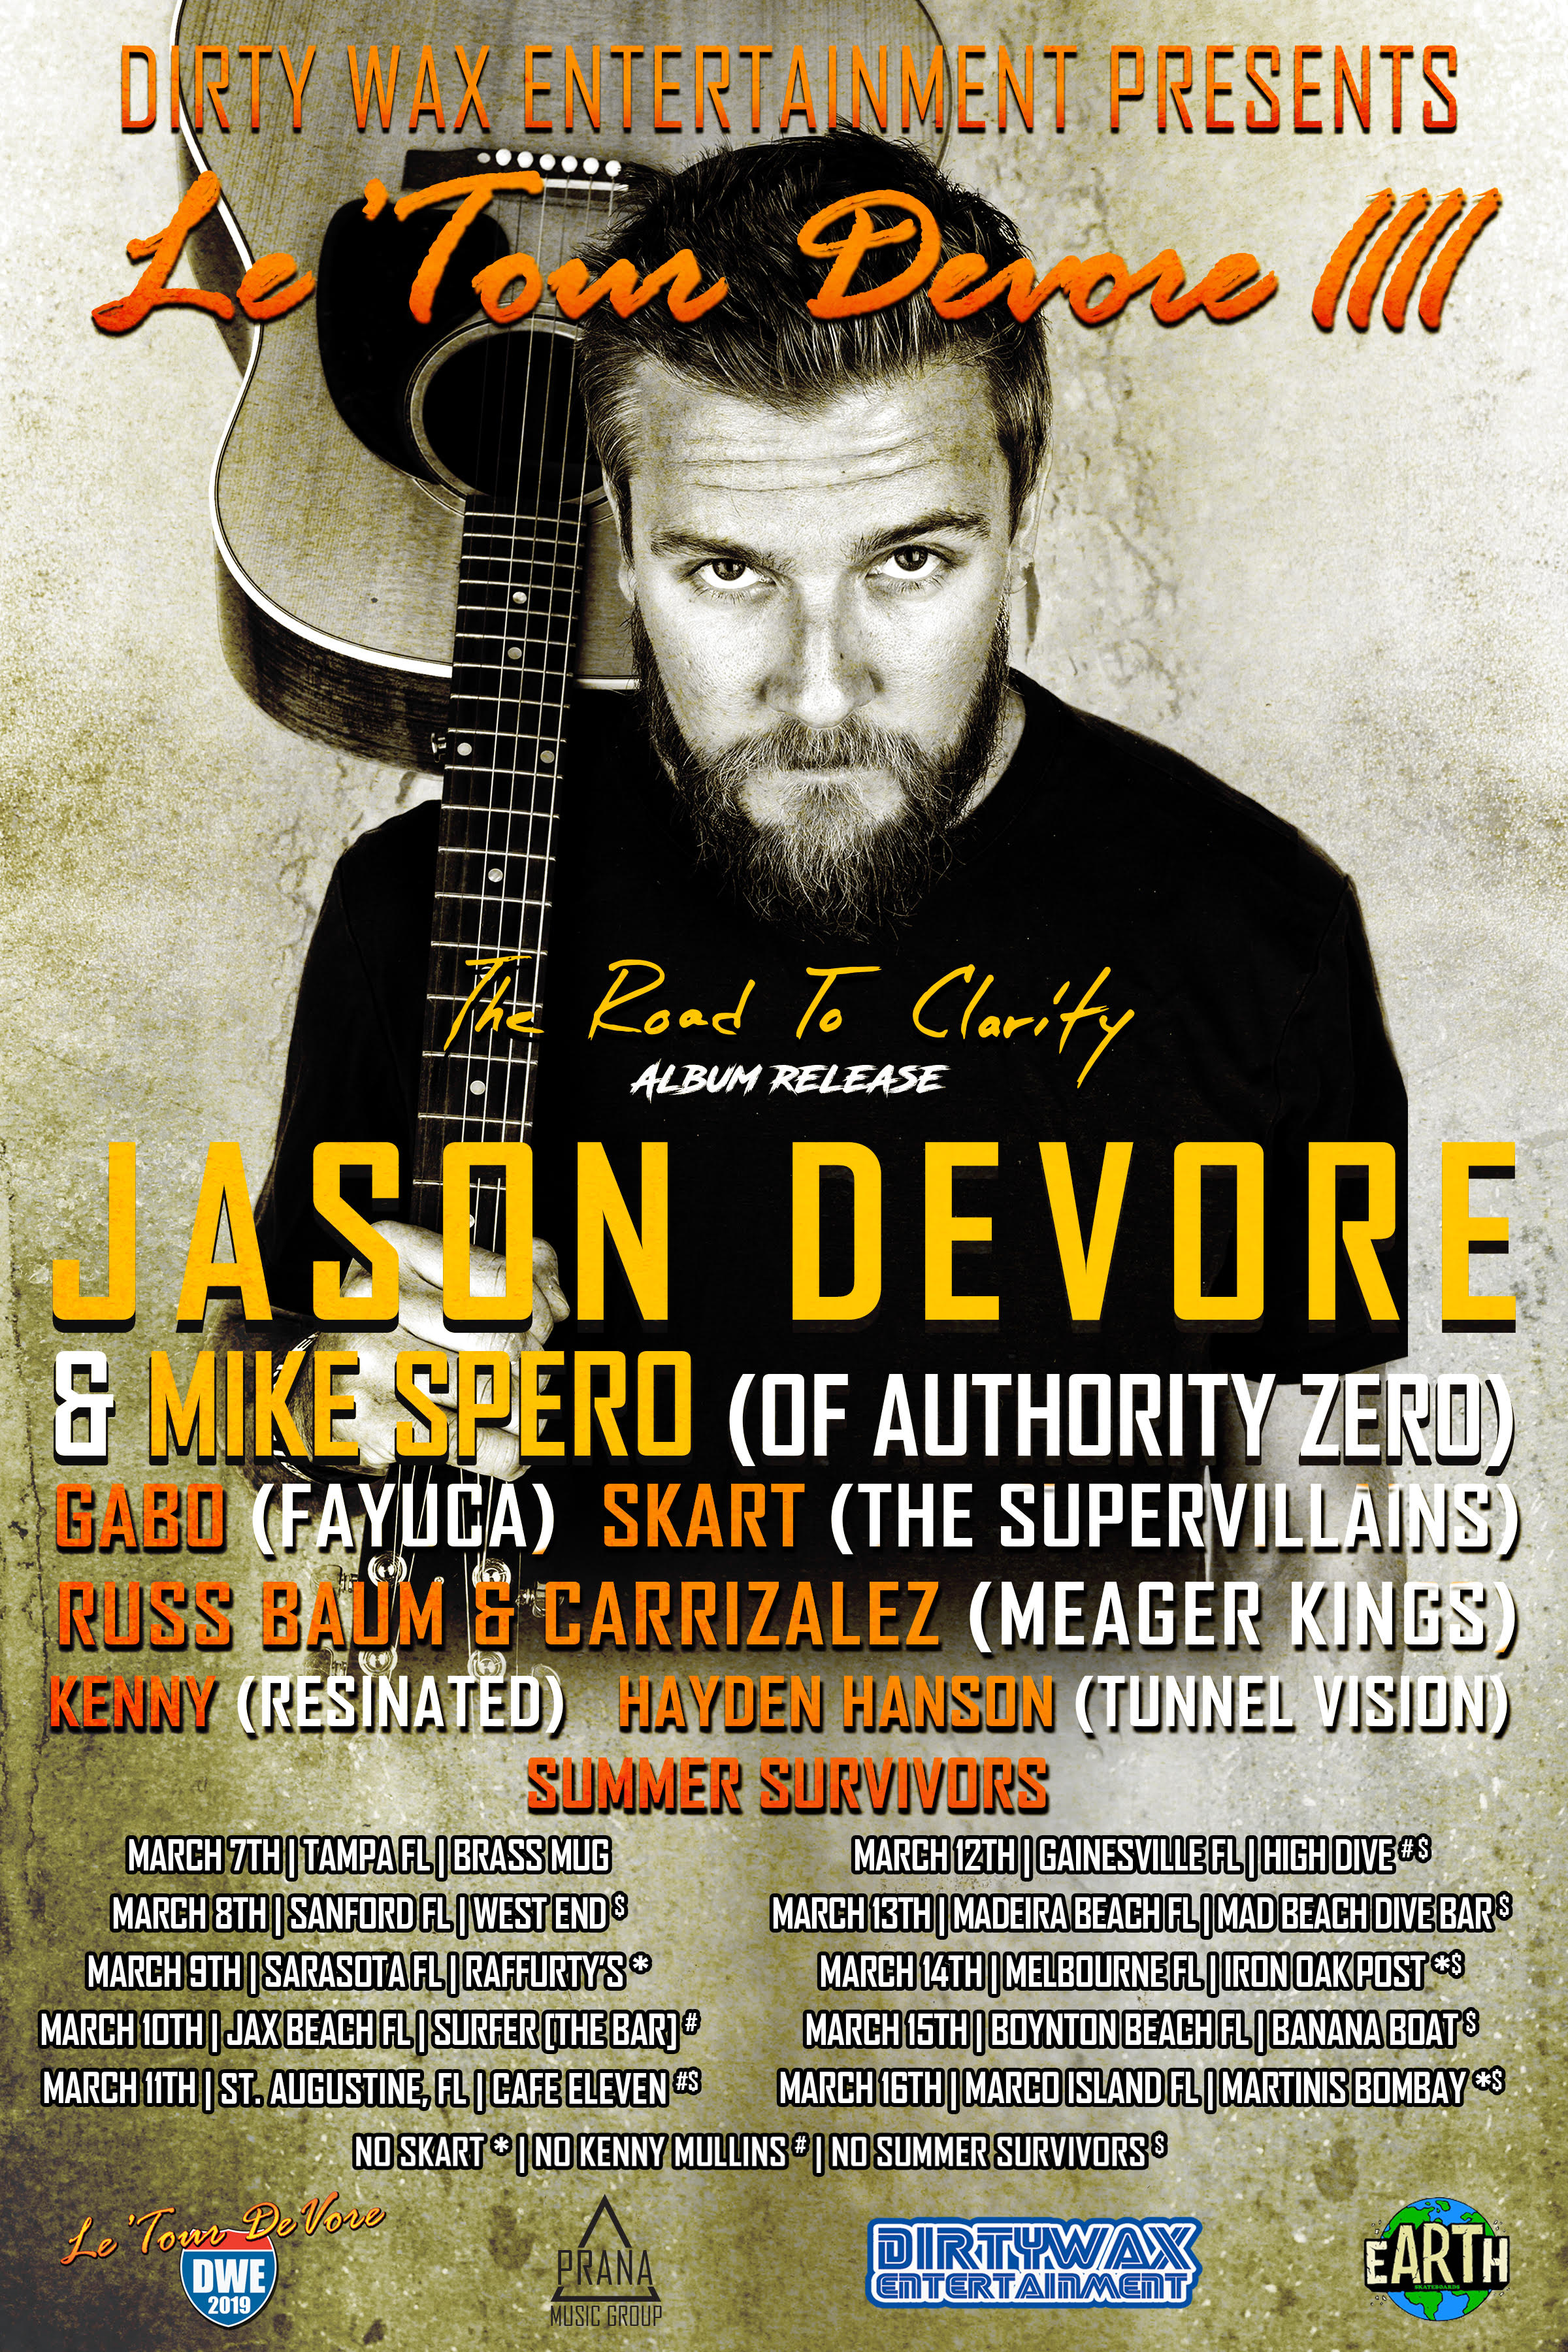 Le' Tour DeVore IV Tickets On Sale Now!!!